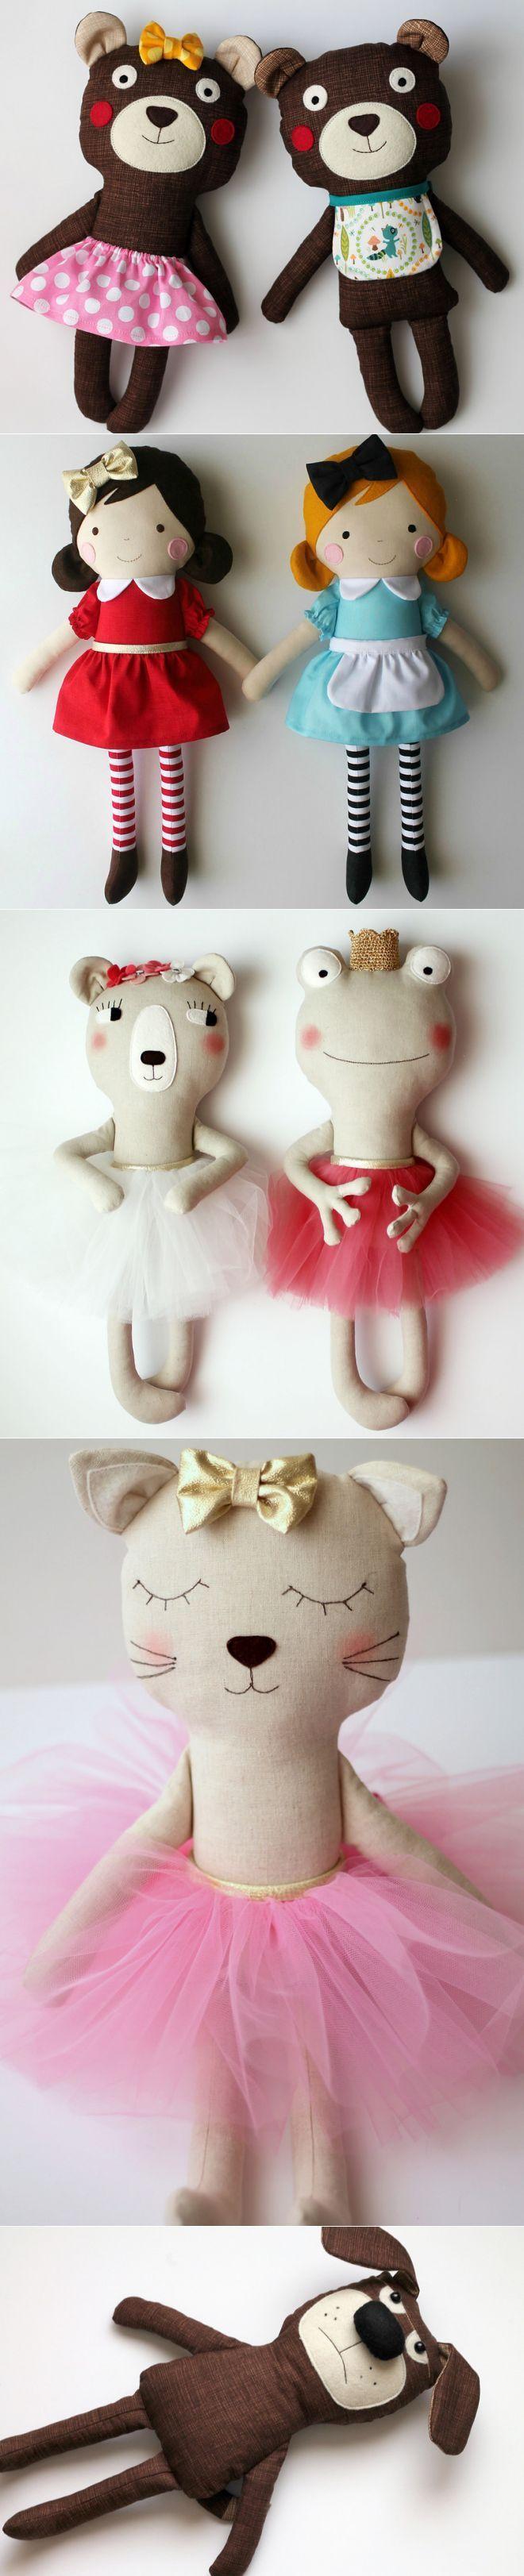 Куклы: